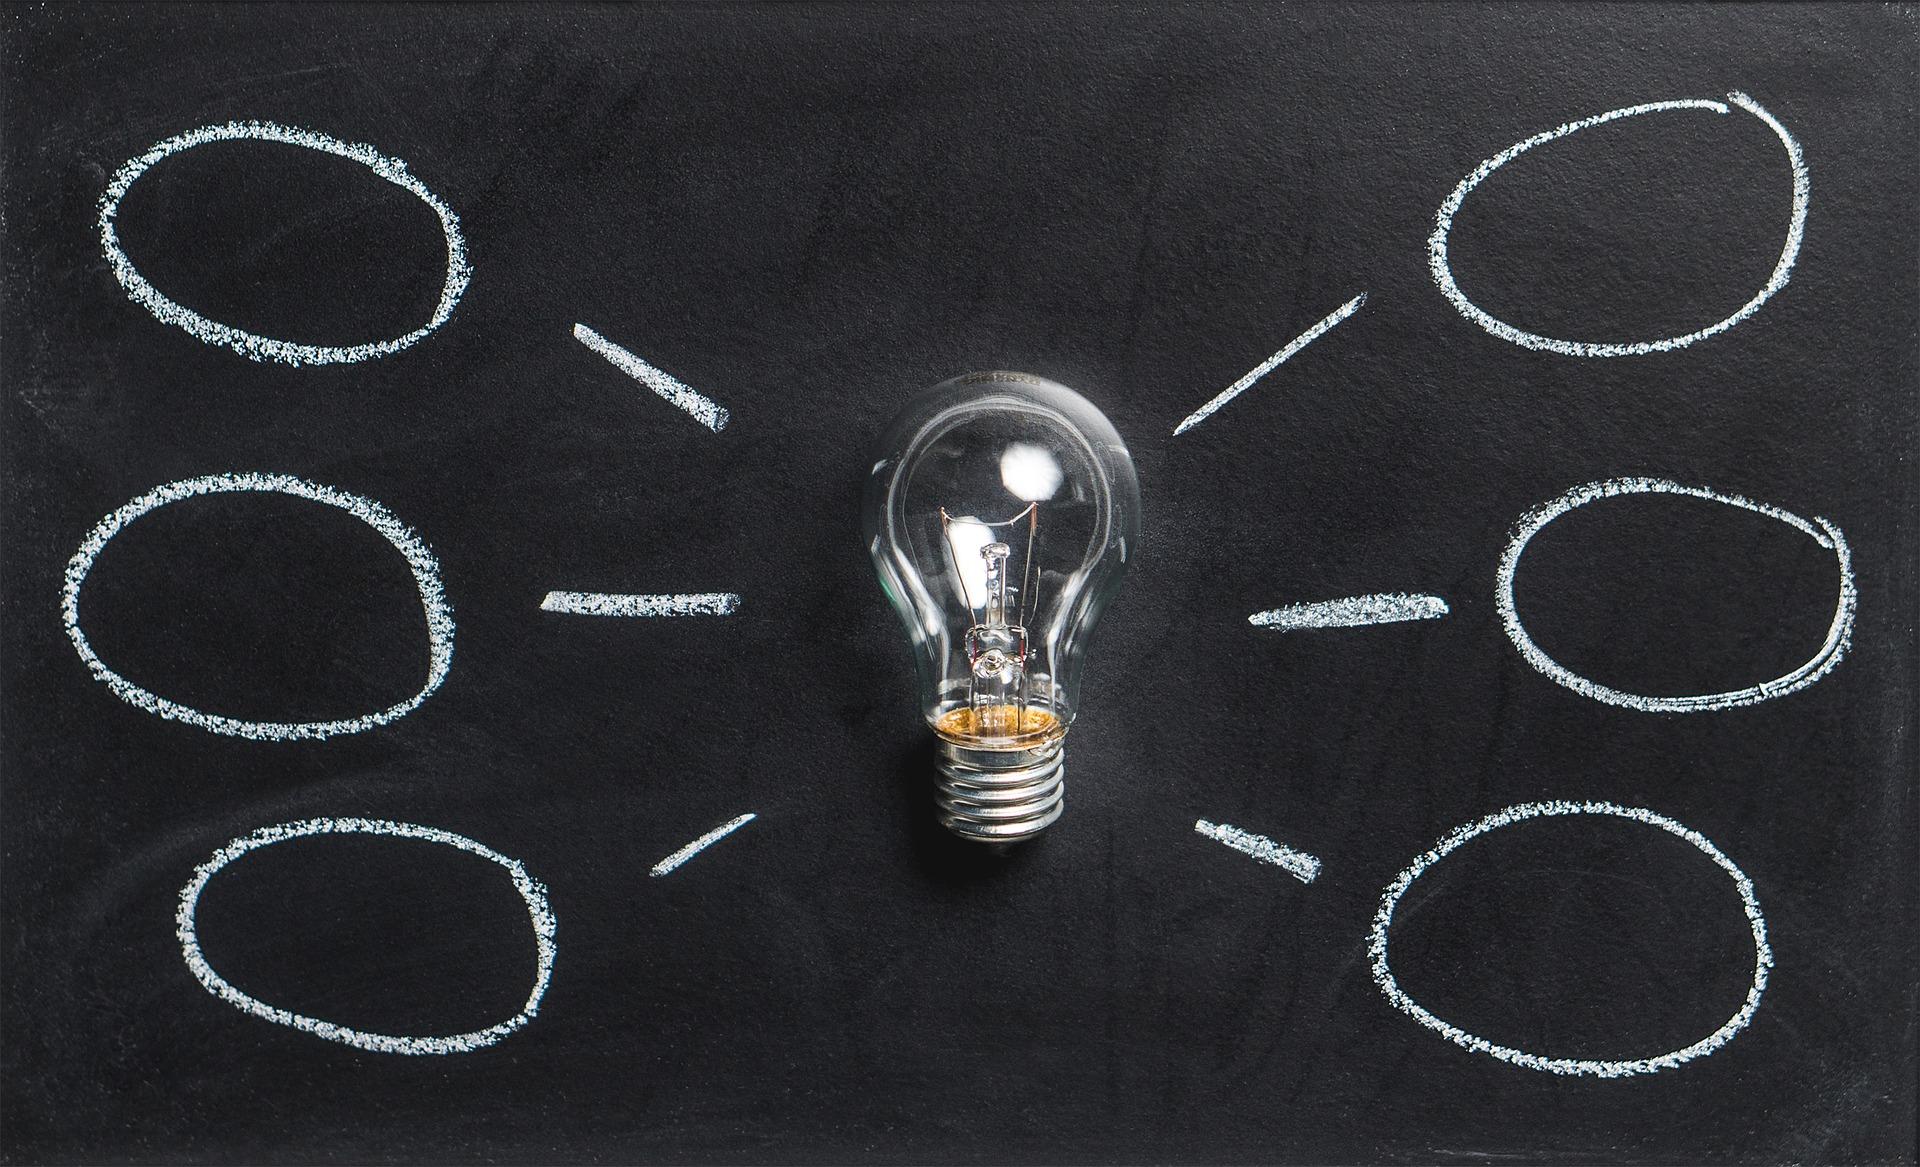 Soluções de Logística Reversa: qual a melhor para a minha empresa?